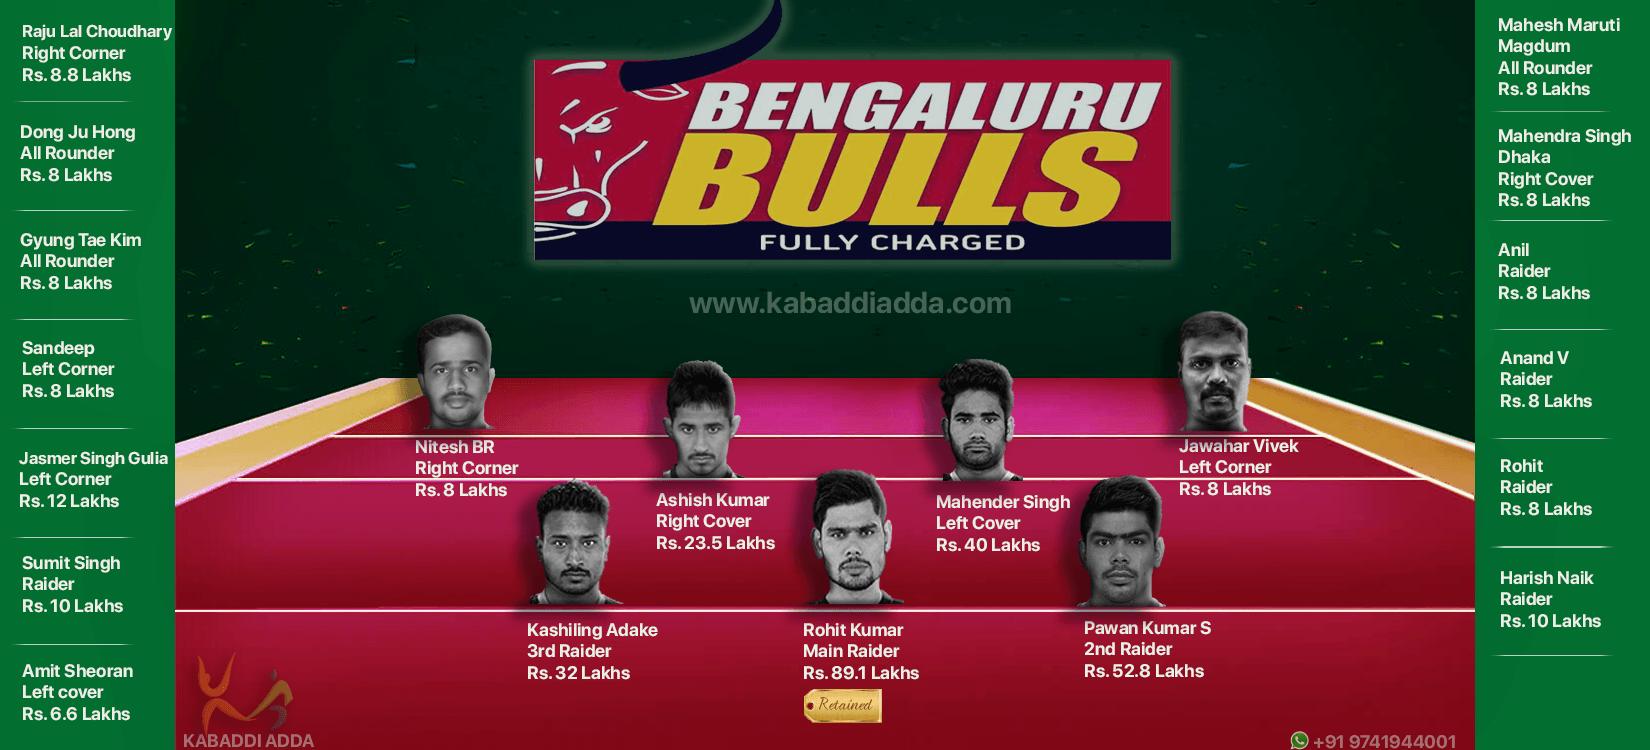 Bengaluru Bulls Kabaddi Live Score Academies News